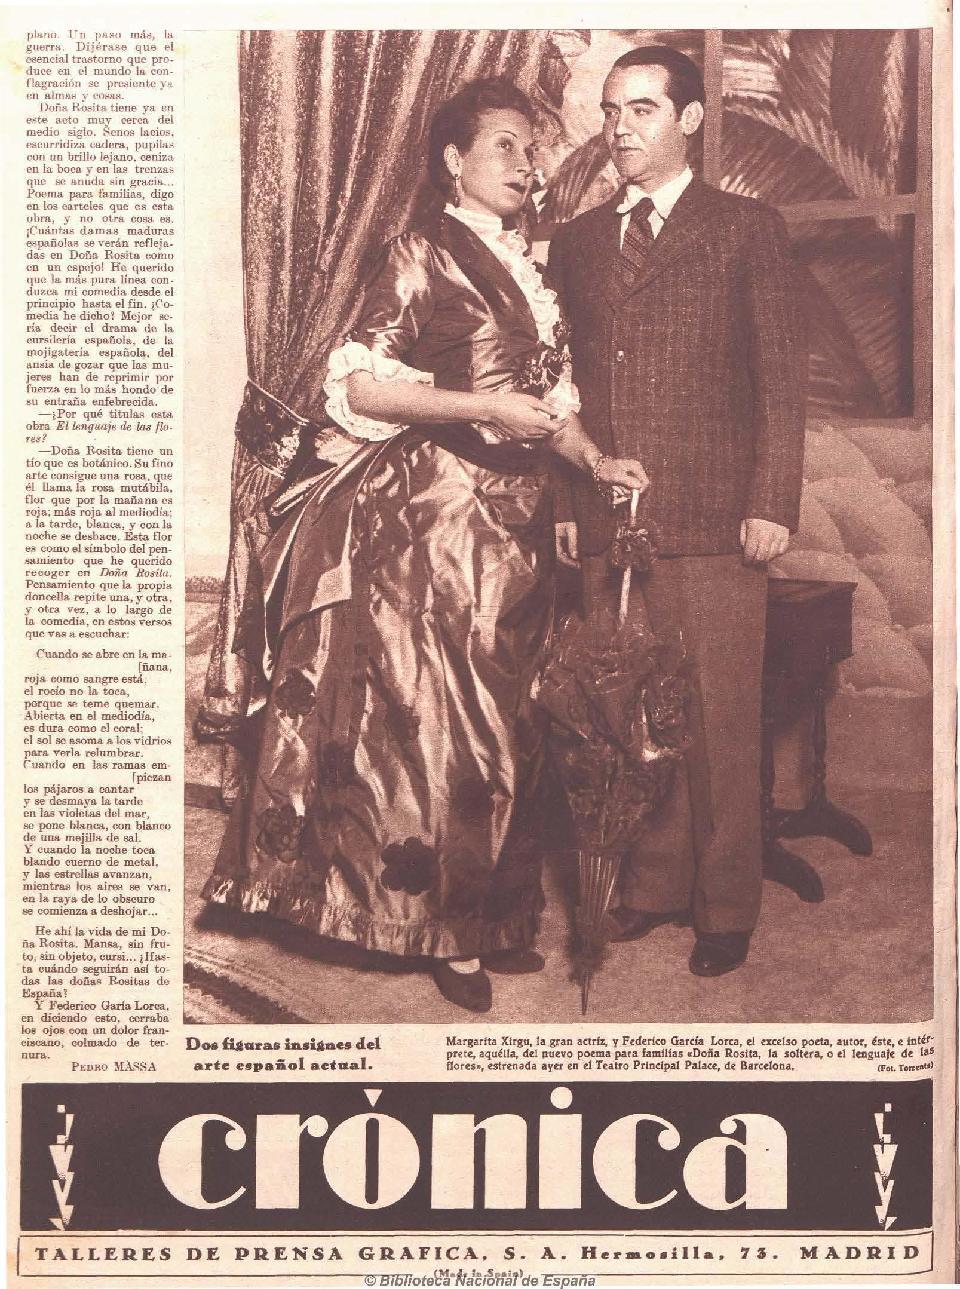 Crítica de l'estrena de Doña Rosita la soltera o el lenguaje de las flores, de Federico García Lorca, estrenada per la Compañía Margarita Xirgu el 13 de desembre de 1935 al Teatre Principal de Barcelona, publicada al diari Crónica, el 15 de desembre de 1935